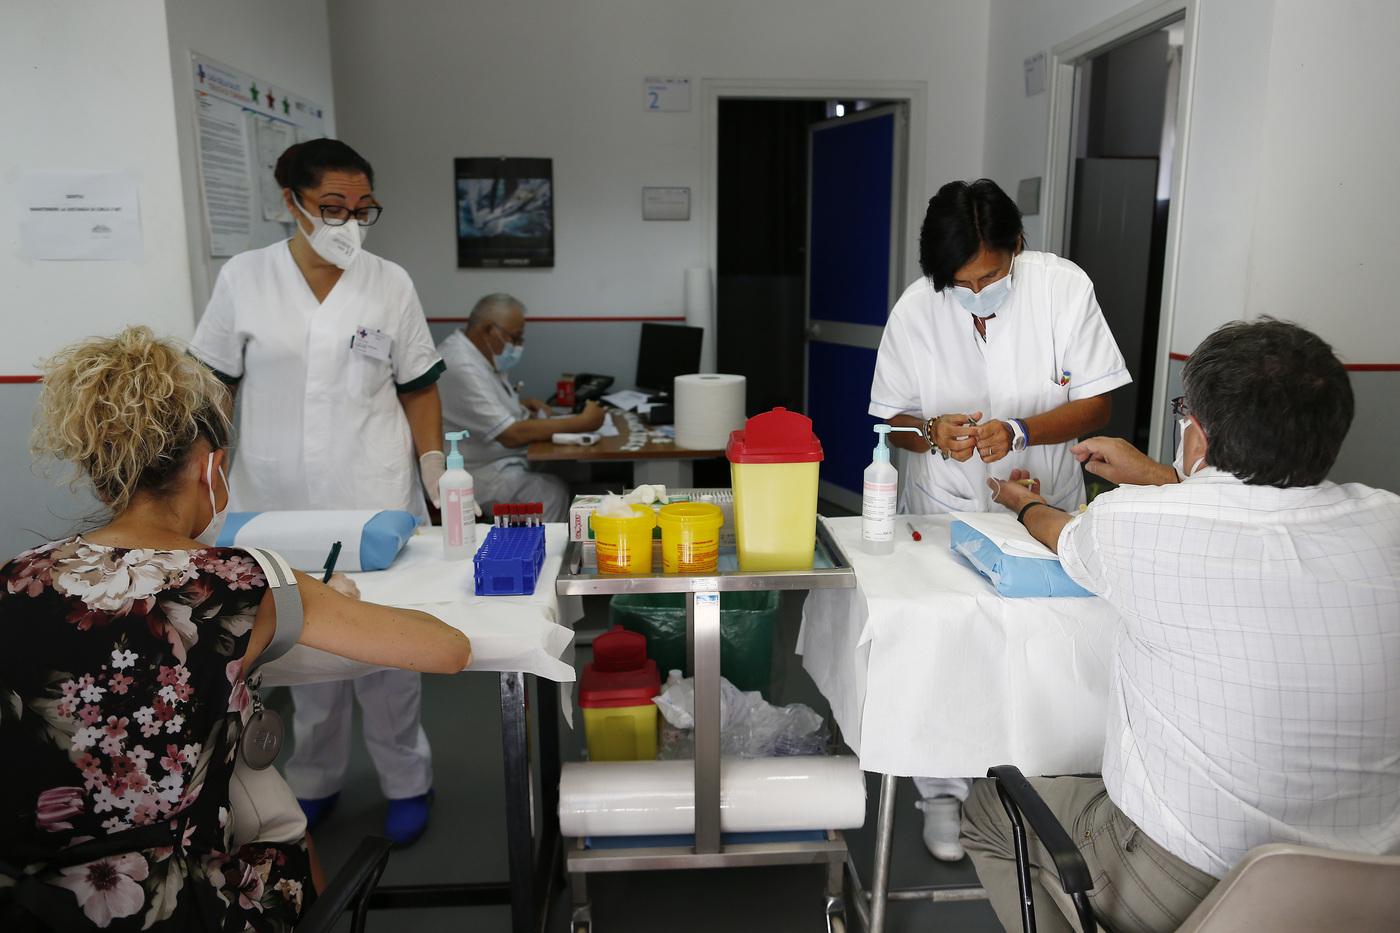 Scuola, in Emilia-Romagna effettuati più di 25.000 test sierologici su docenti e operatori: solo due le positività confermate dal tampone